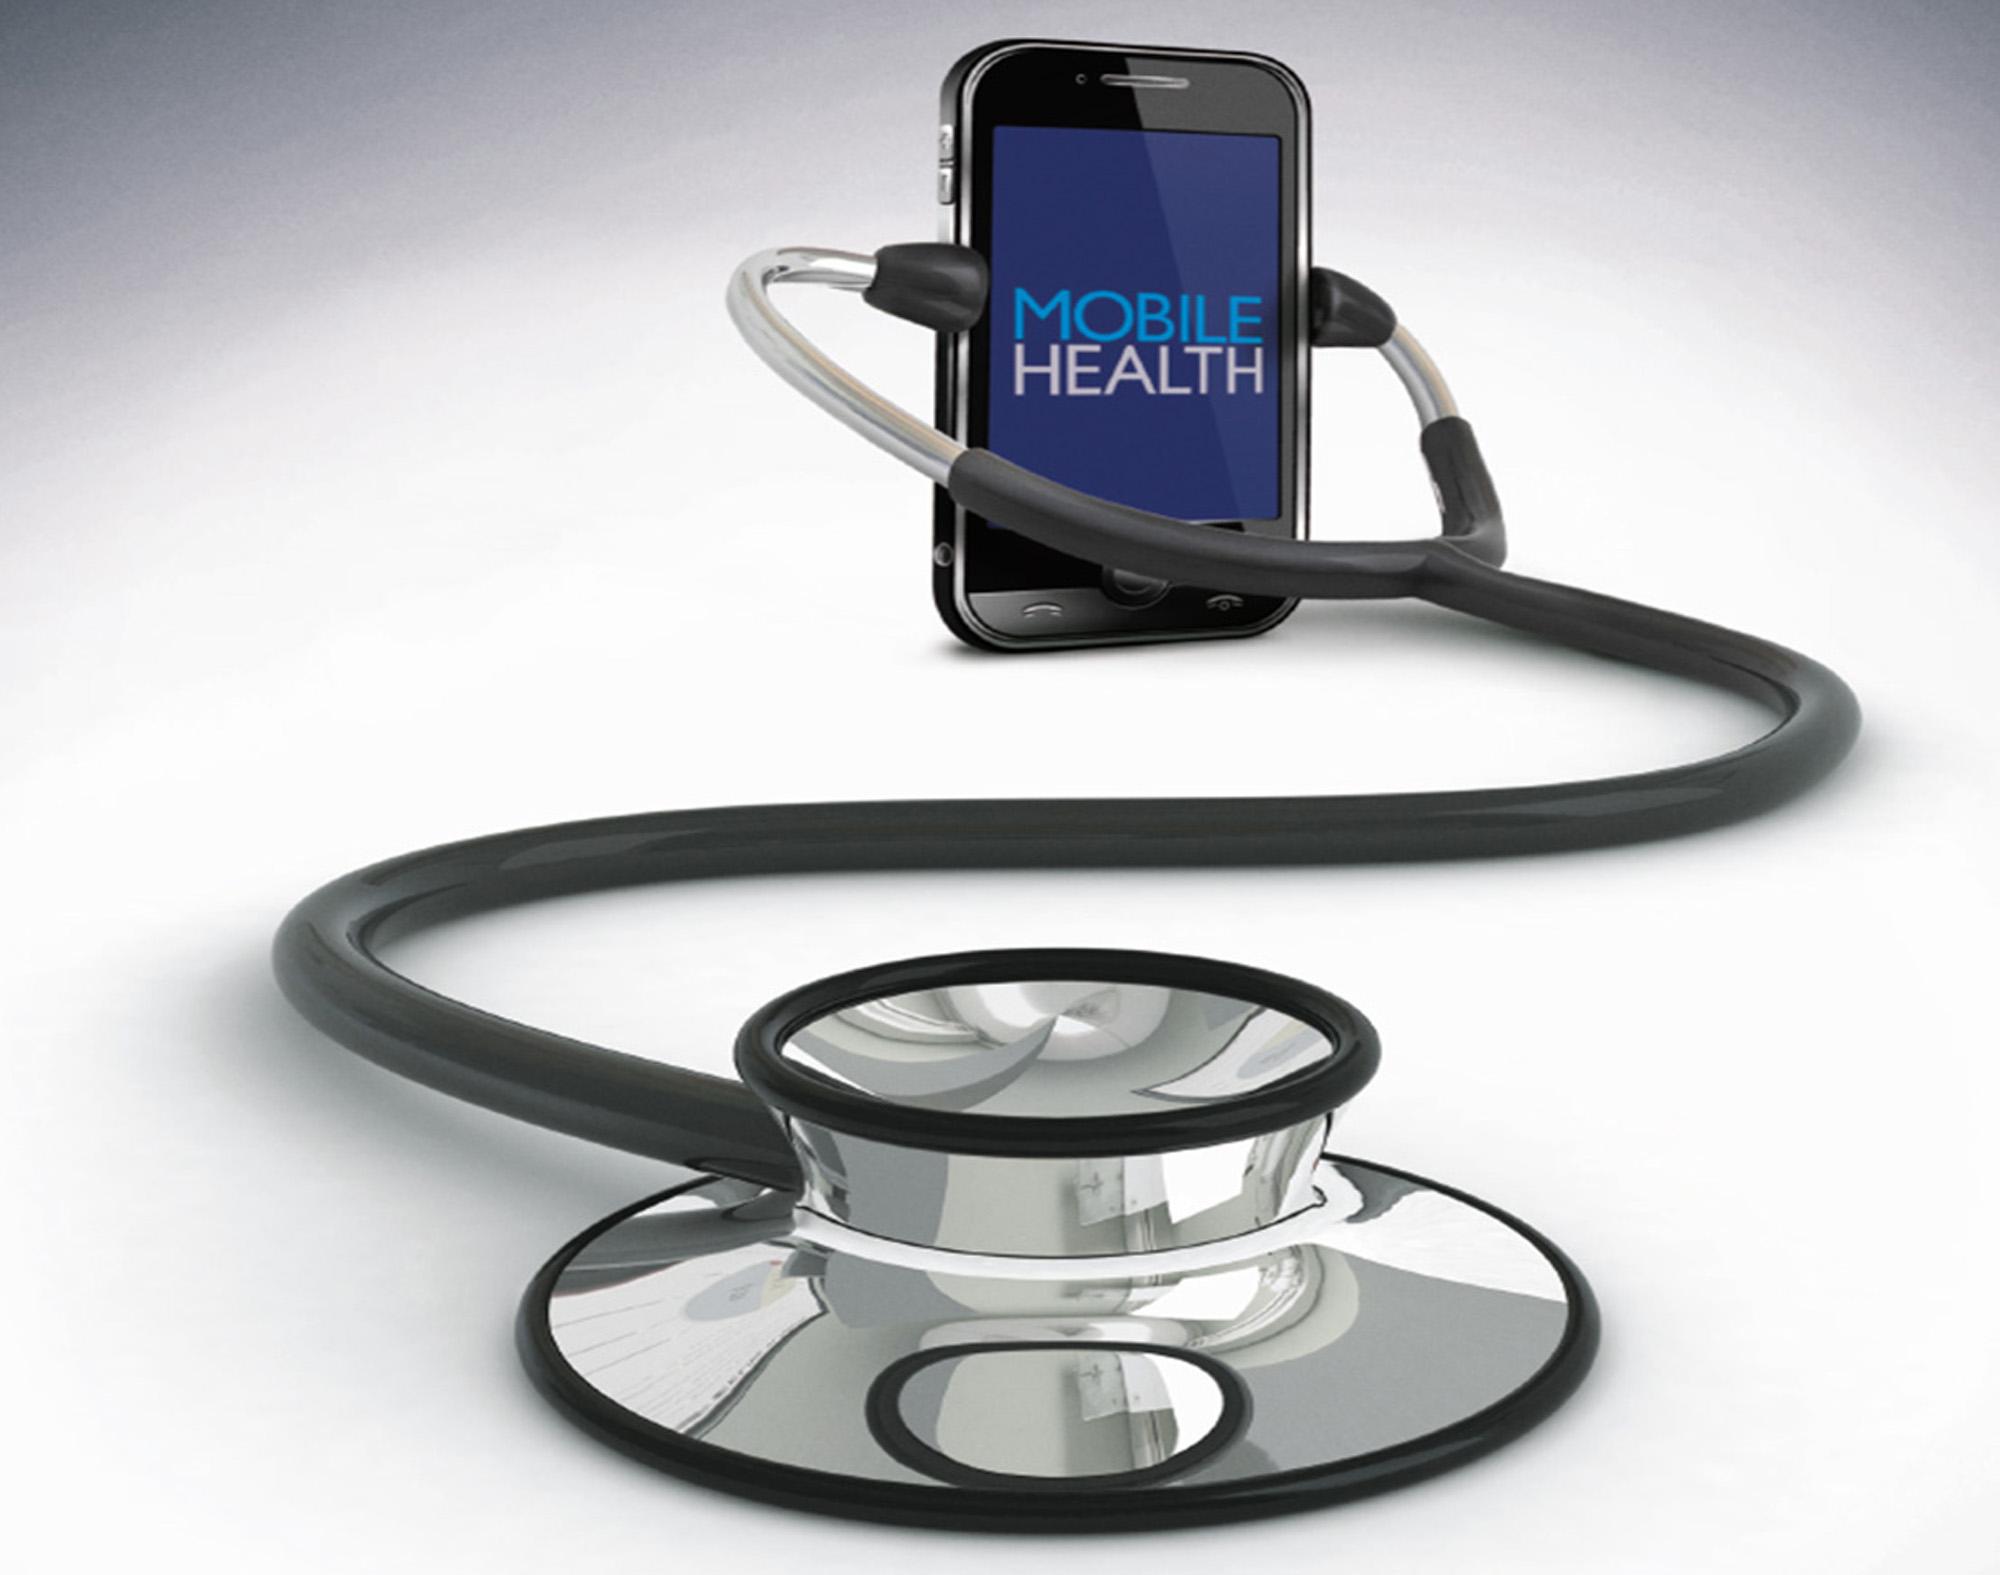 Mobil Sağlıkta Başarı İçin Gerekenler Nelerdir?